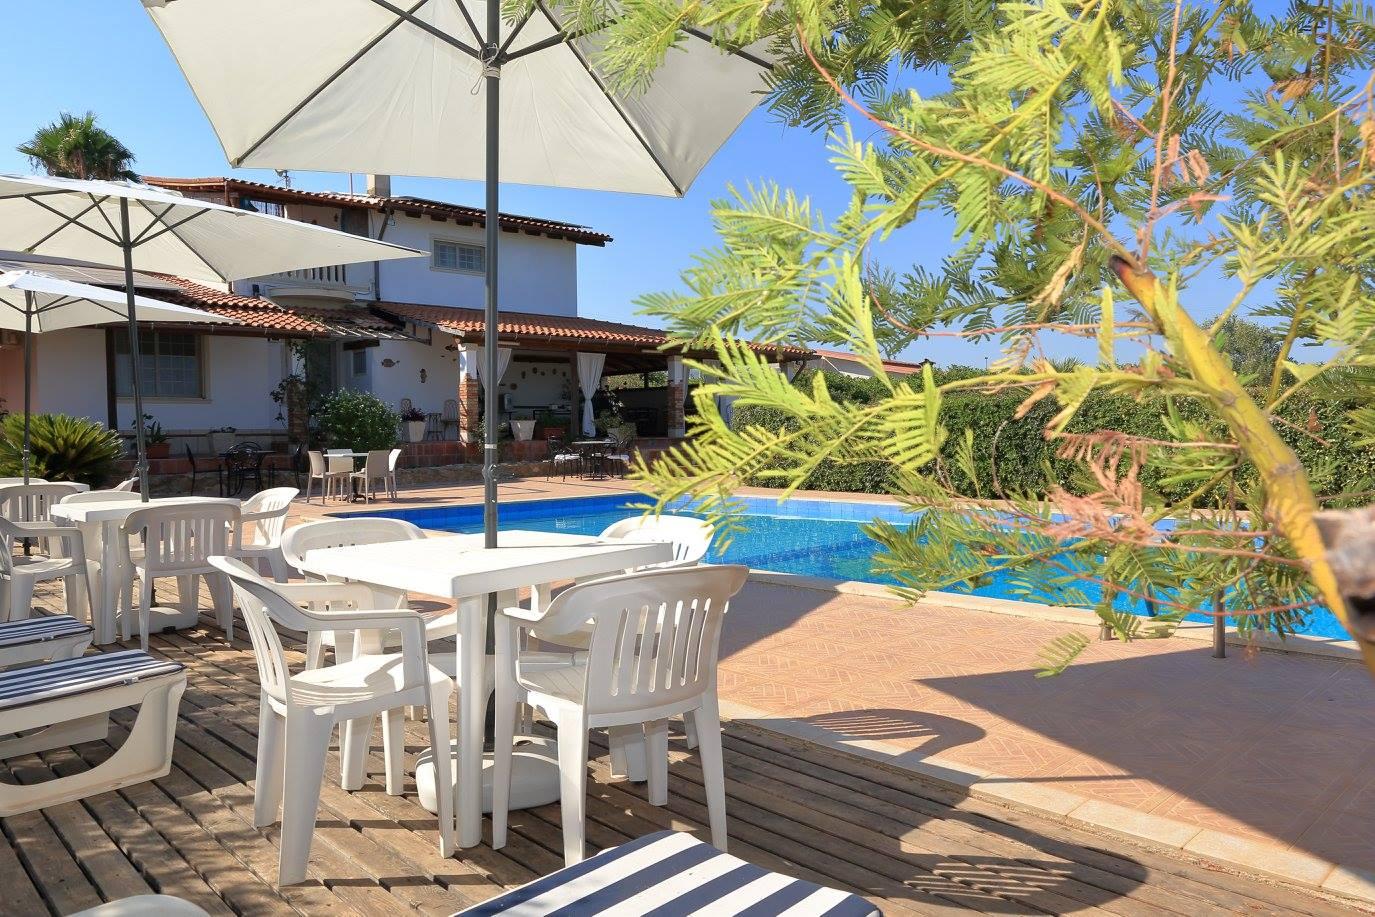 Il_Mandorleto_Val_di_noto_resort_avola_siracusa_b&b_Noto_villa_con_piscina 27